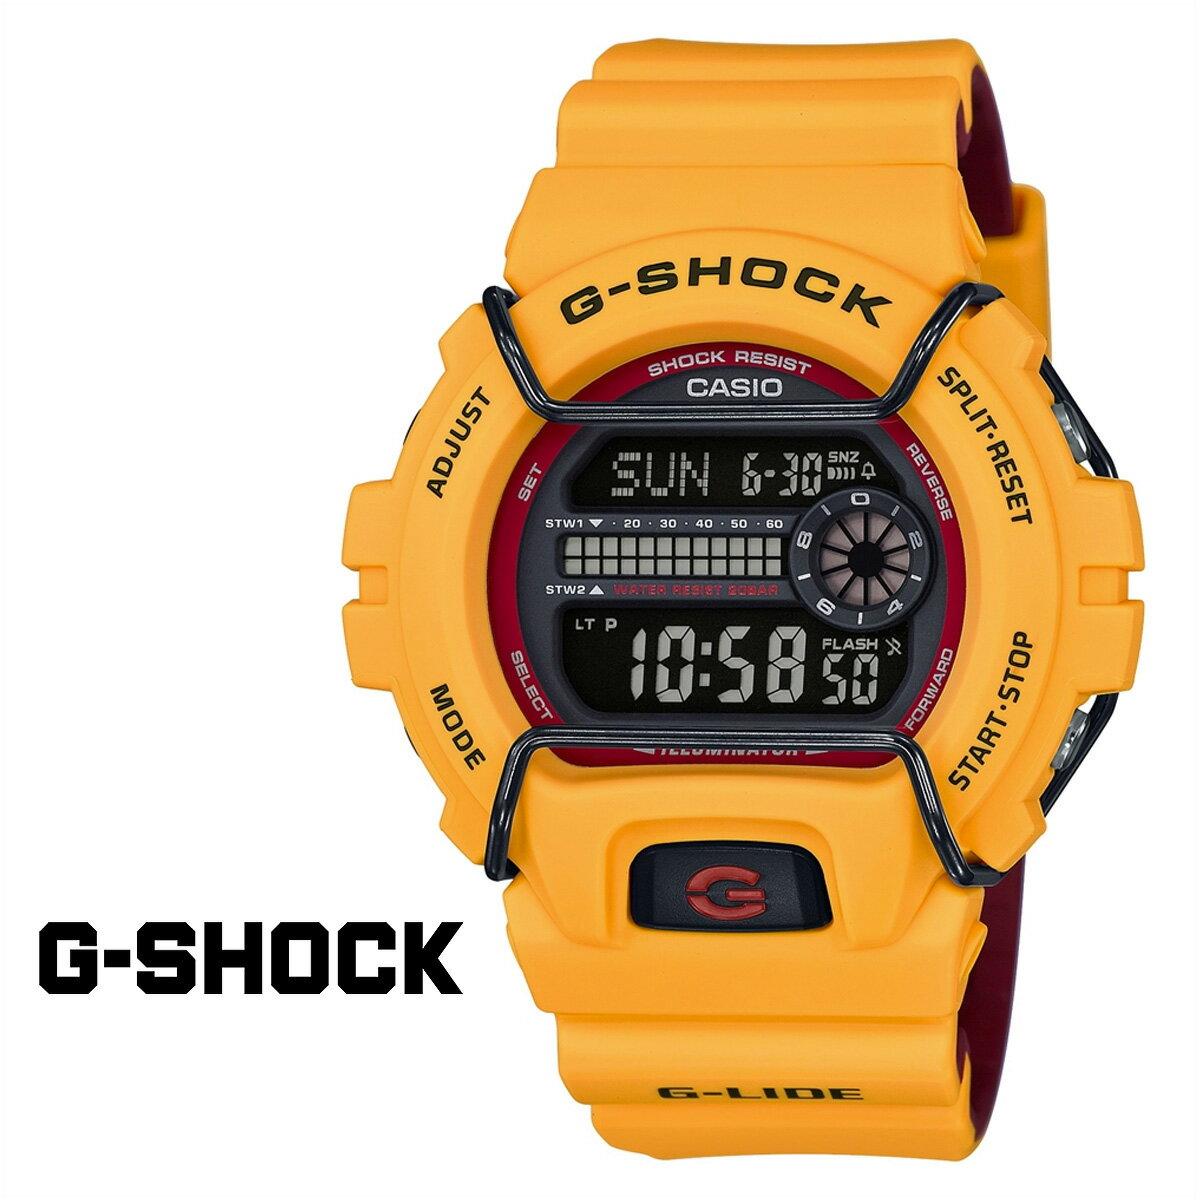 カシオ CASIO G-SHOCK 腕時計  GLS-6900-9JF  ジーショック Gショック G-ショック  メンズ  CASIO正規代理店  初回交換 送料無料  ジーショック 時計 メンズ g-shock mini レディース Gショック 腕時計 正規  通販